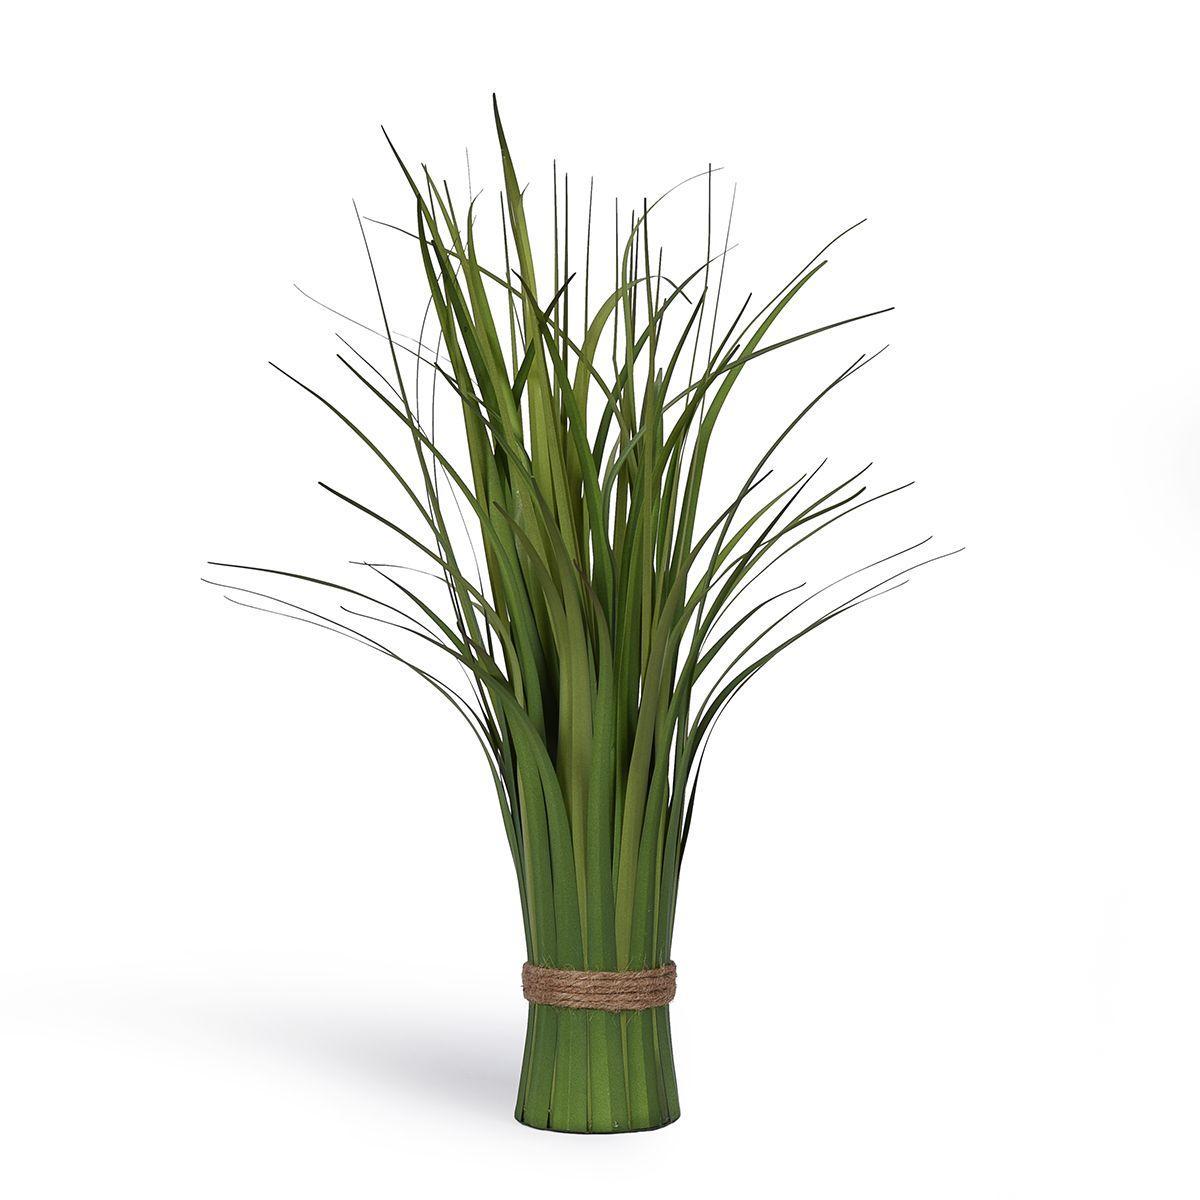 Пучок искусственной травы Осока зеленого цвета